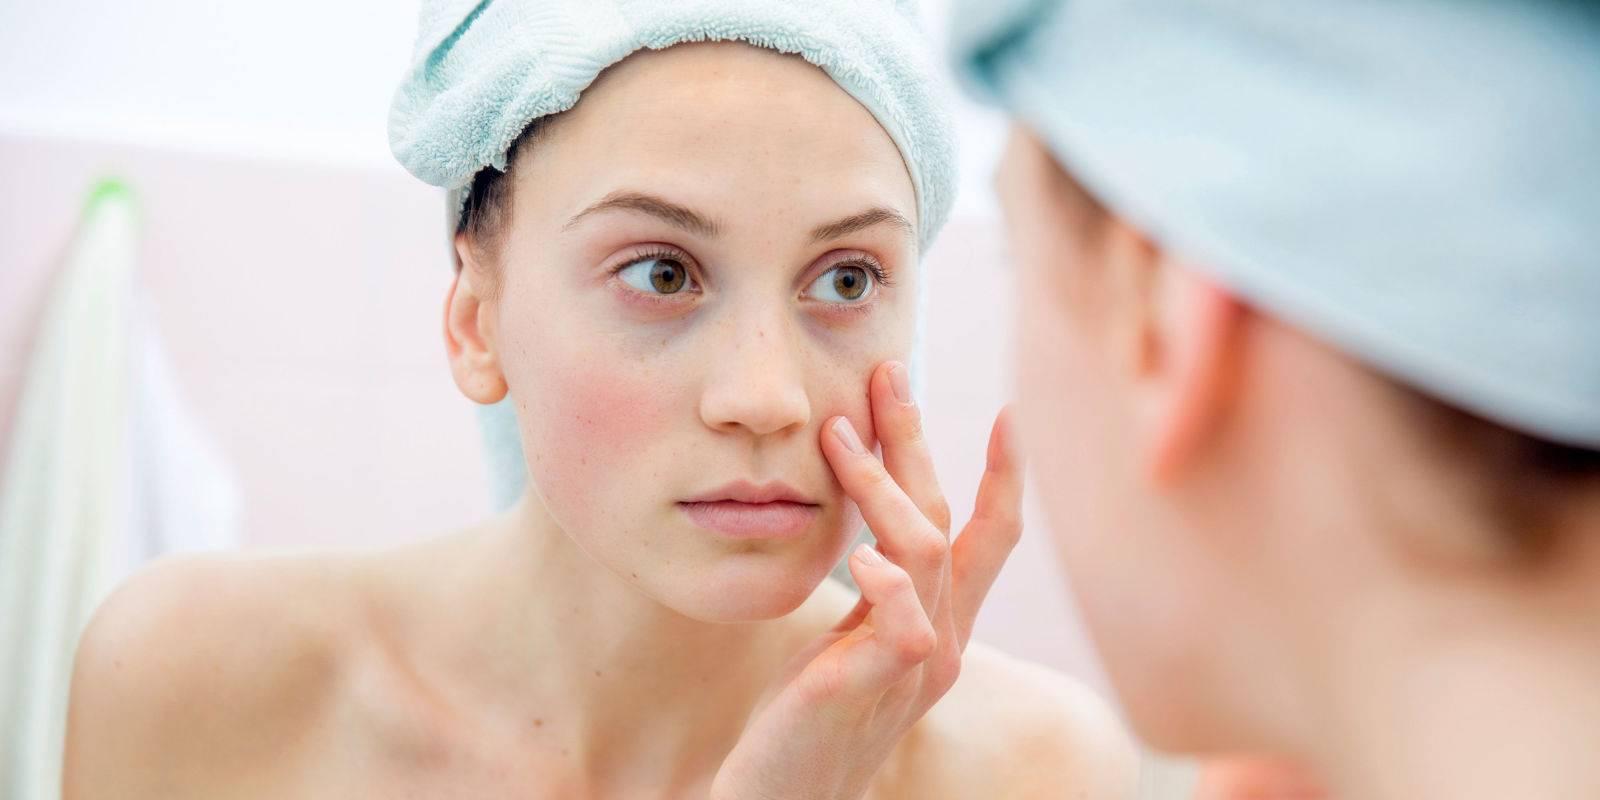 5 Μύθοι και Αλήθειες για τη Χαλάρωση του Δέρματος